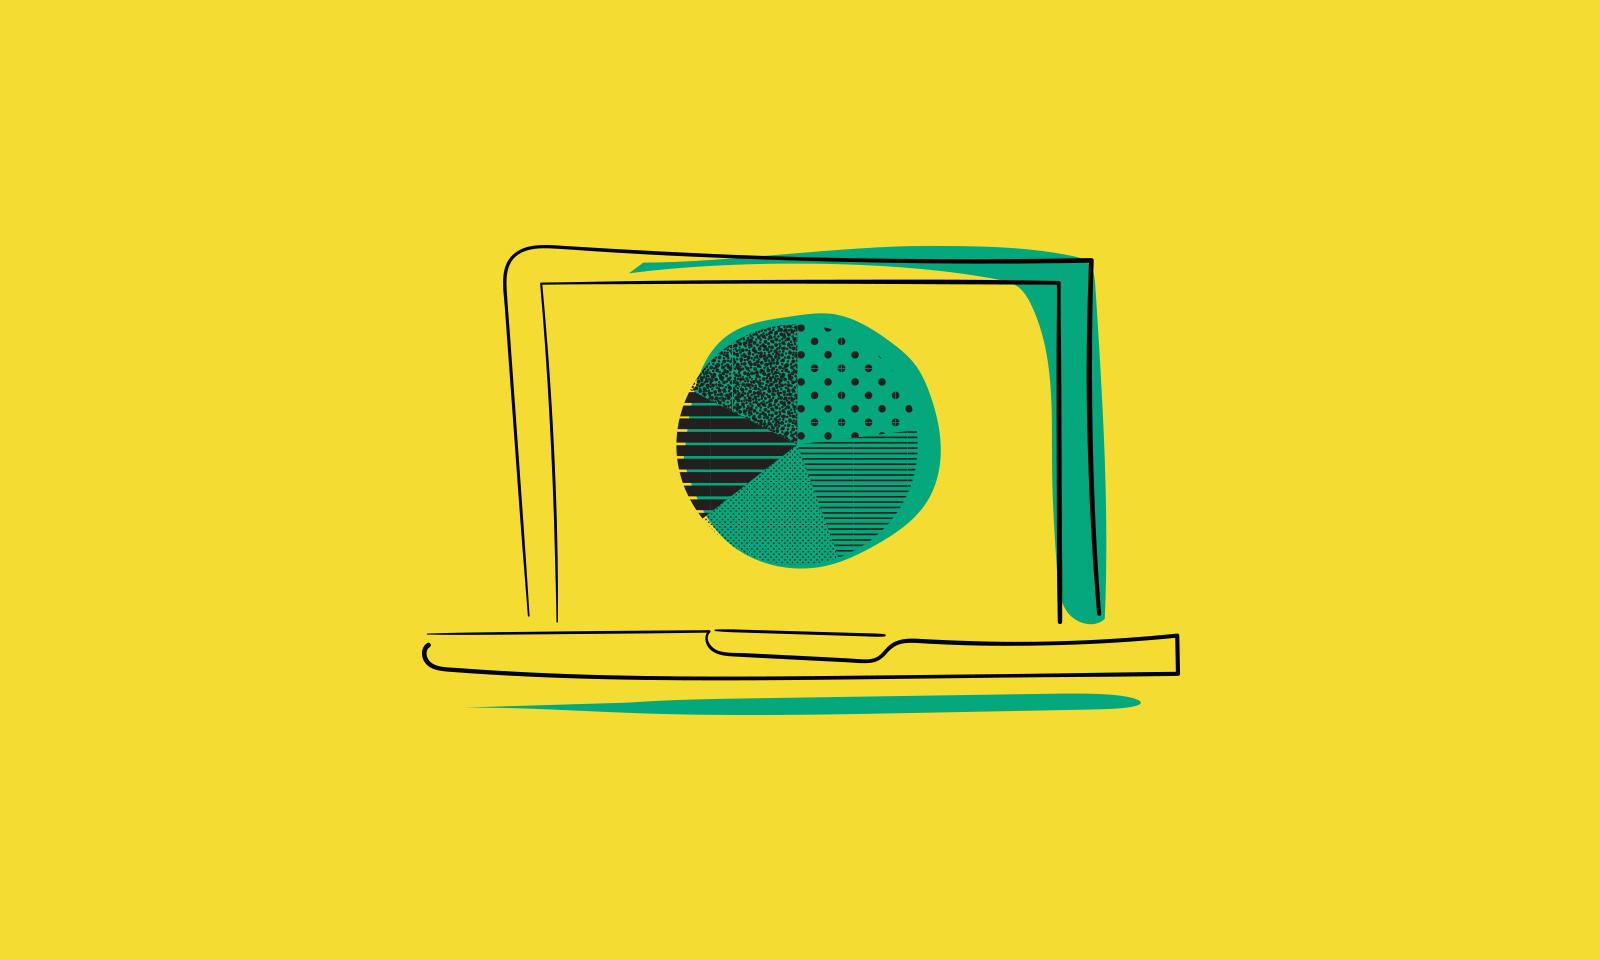 Предпочтения и навыки программистов разных стран: DataArt изучил статистику платформы Skillotron